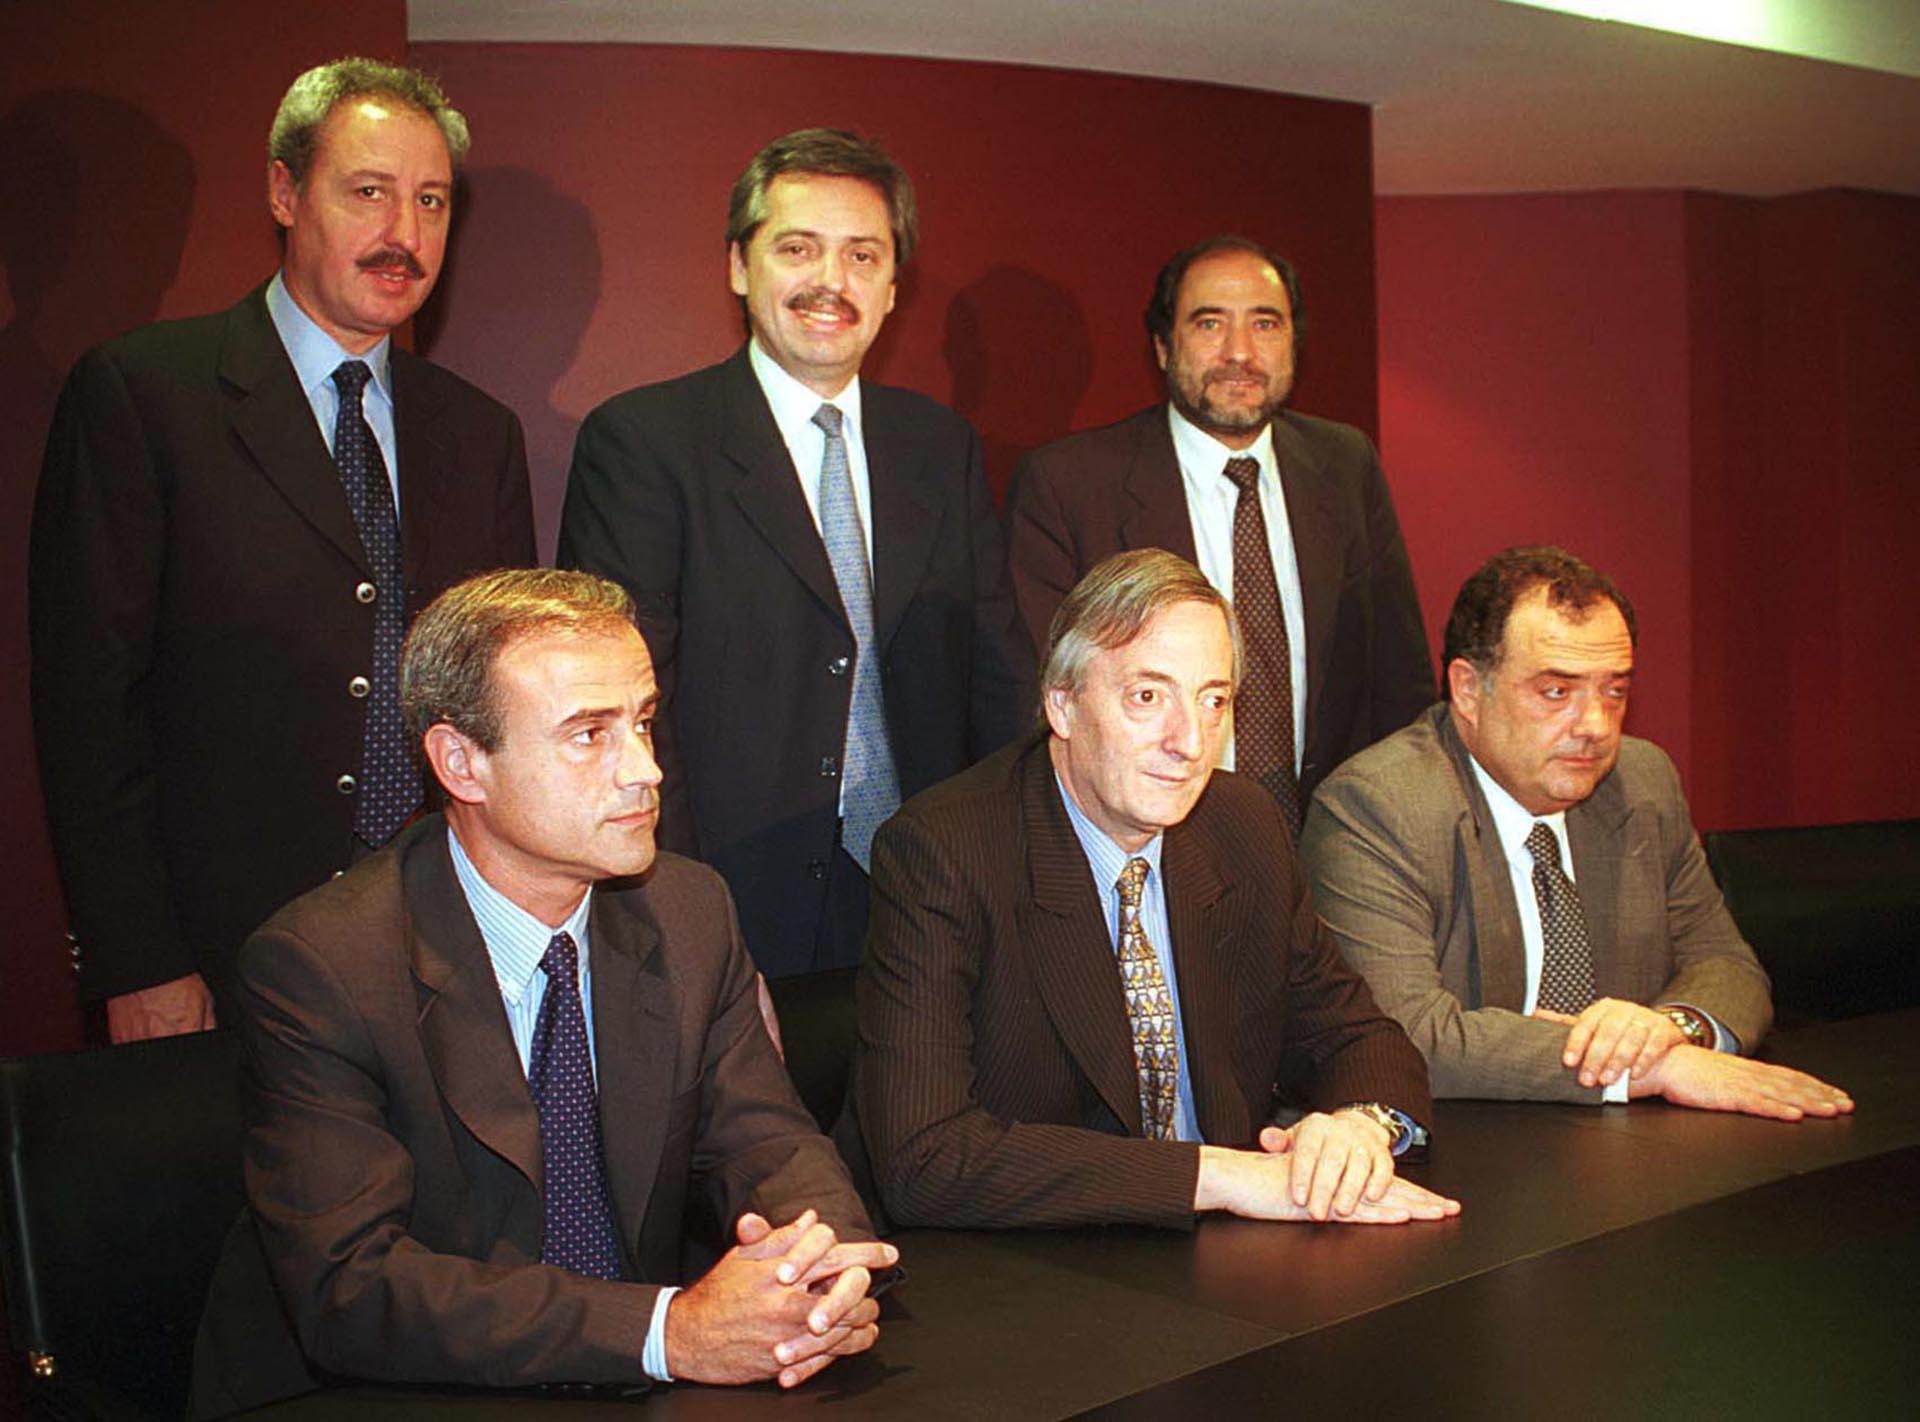 El 18 de diciembre de 2002, junto a los legisladores porteños del PJ Eduardo Valdés, Julio Vitobello y Jorge Argüello, hicieron público su apoyo a la candidatura de Néstor Kirchner en la Casa de la Provincia de Santa Cruz en Buenos Aires.